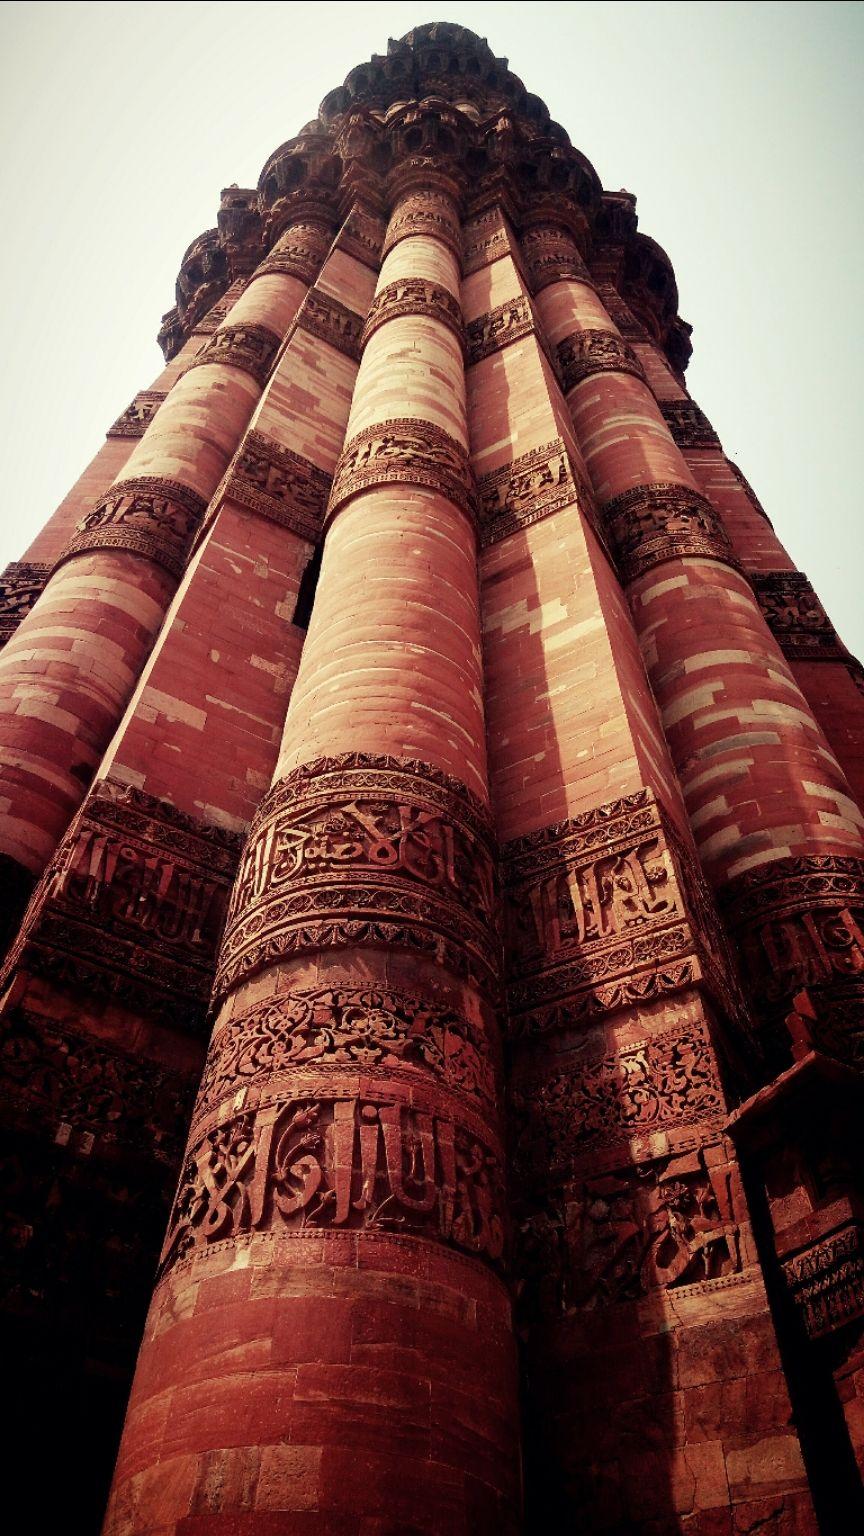 Photo of Qutub Minar By arshit tyagi